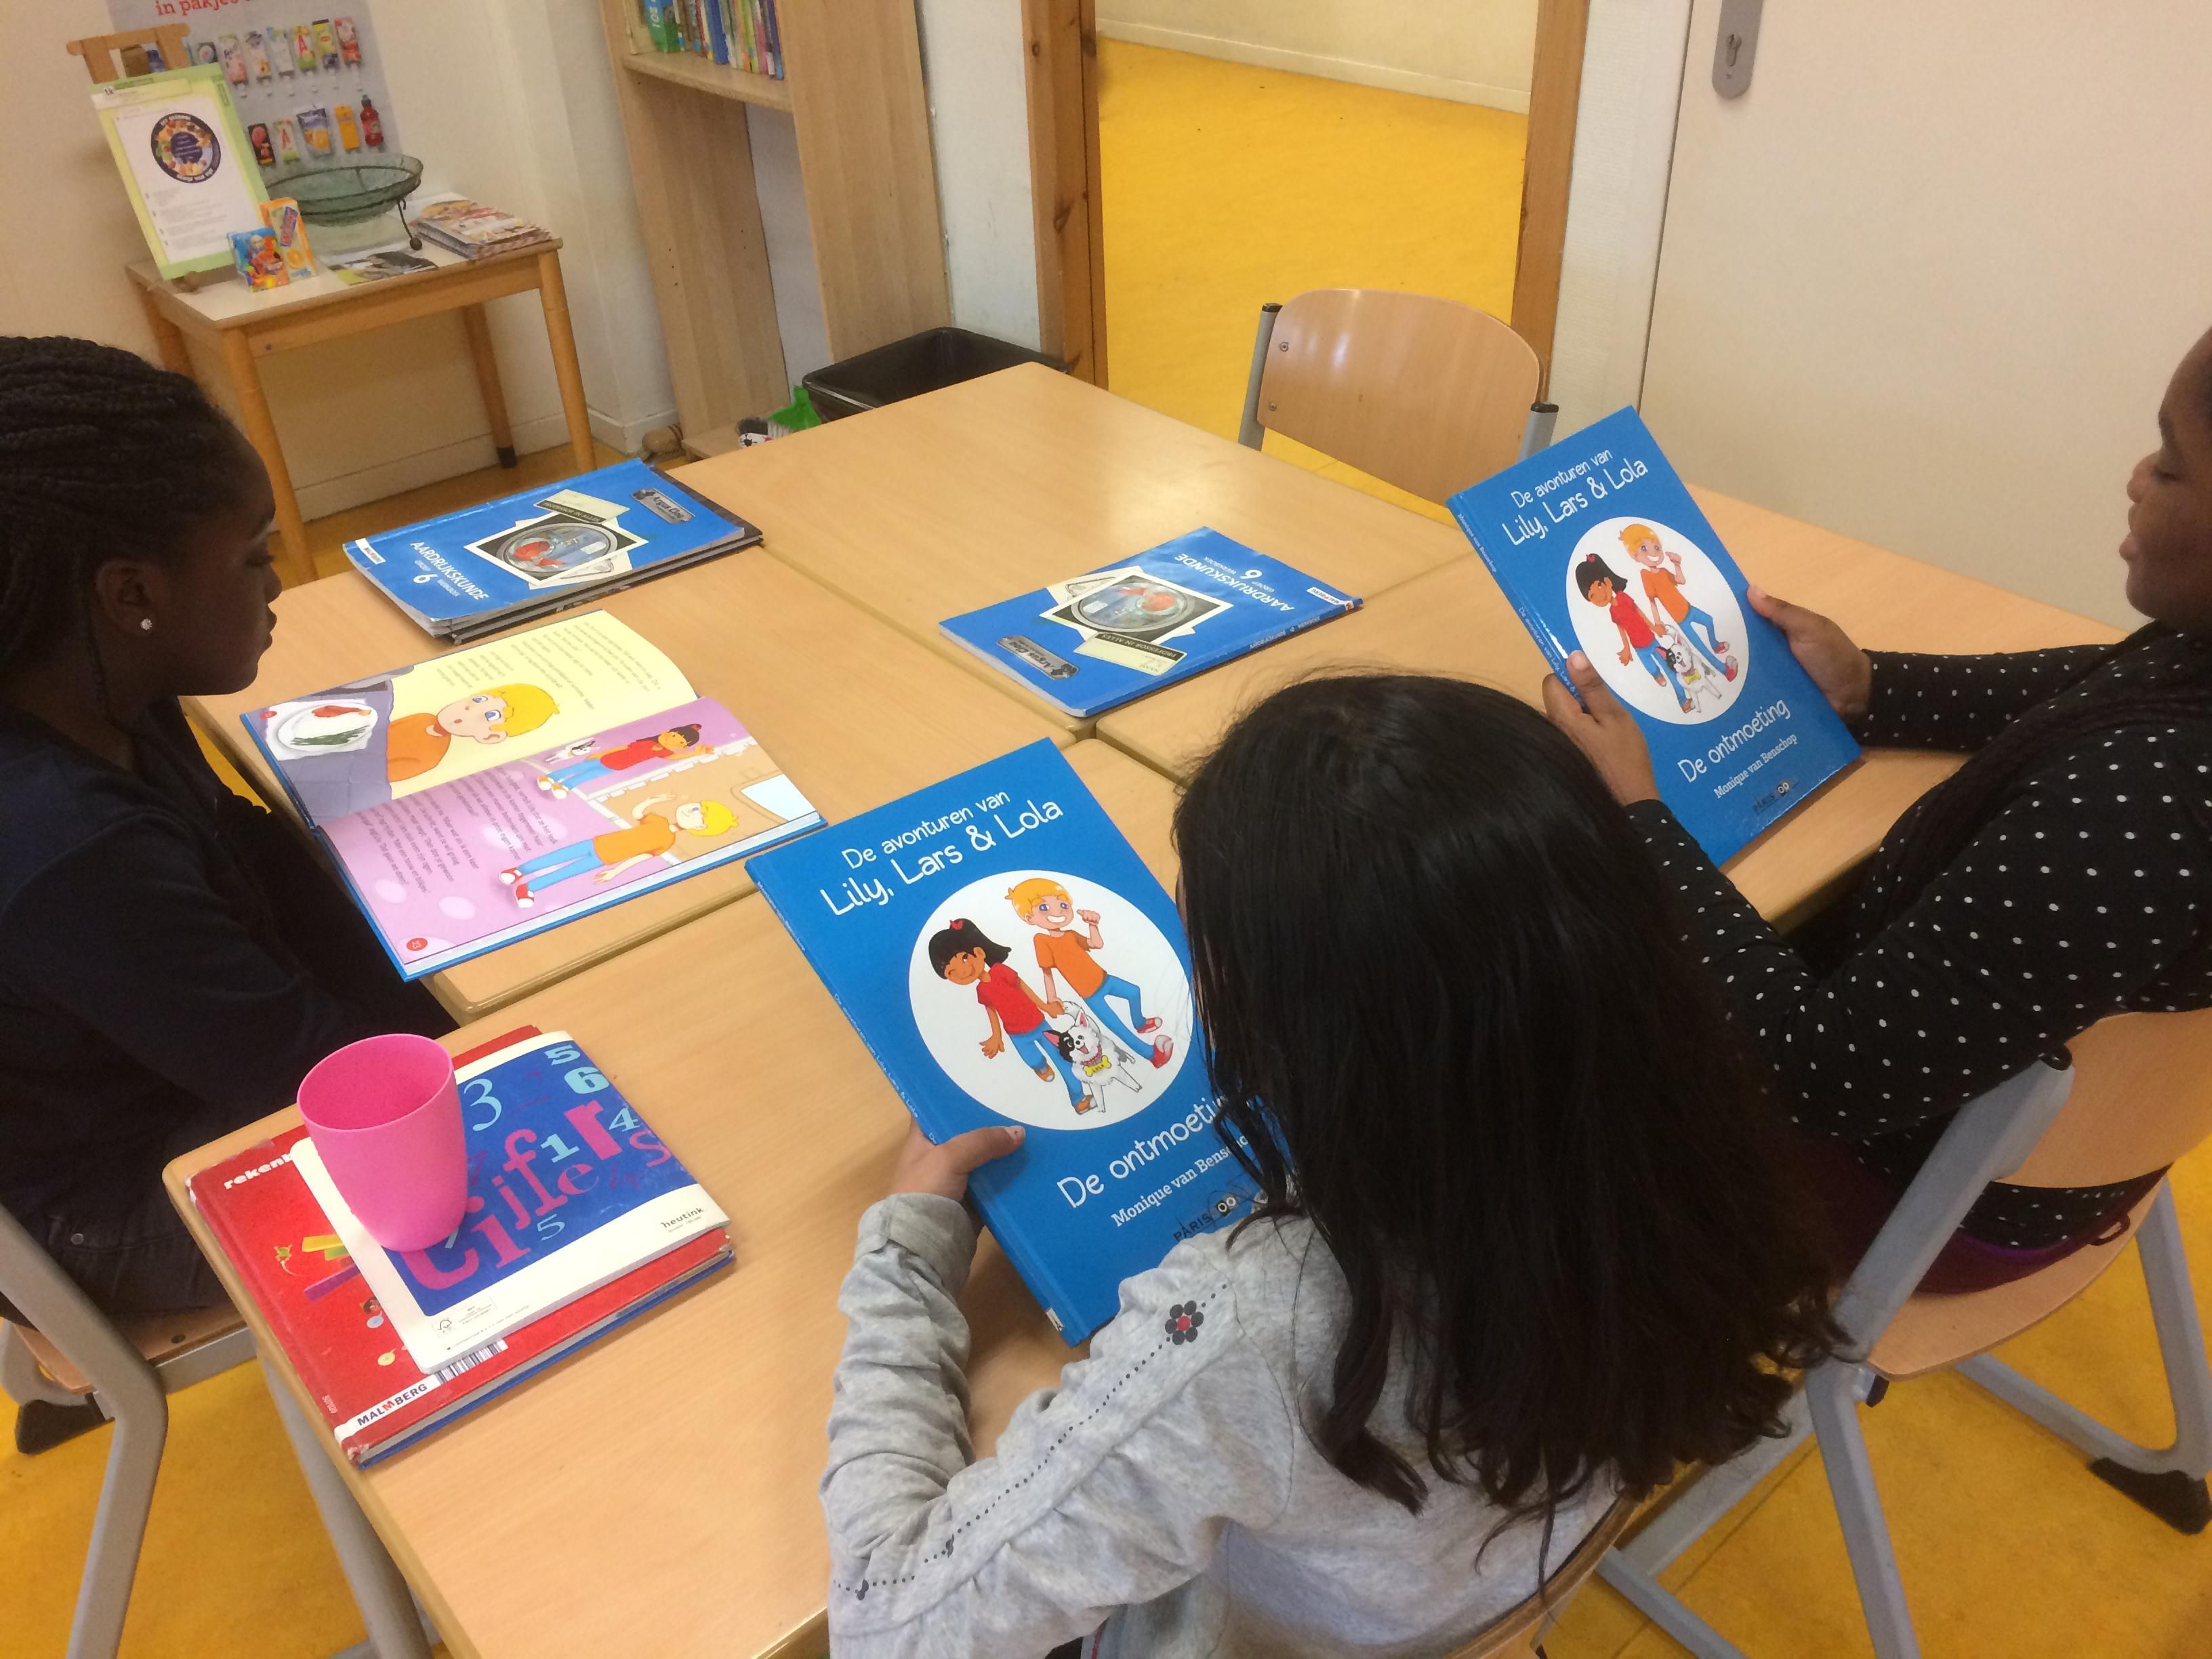 Basisschool de Klaverblad blij met boeken